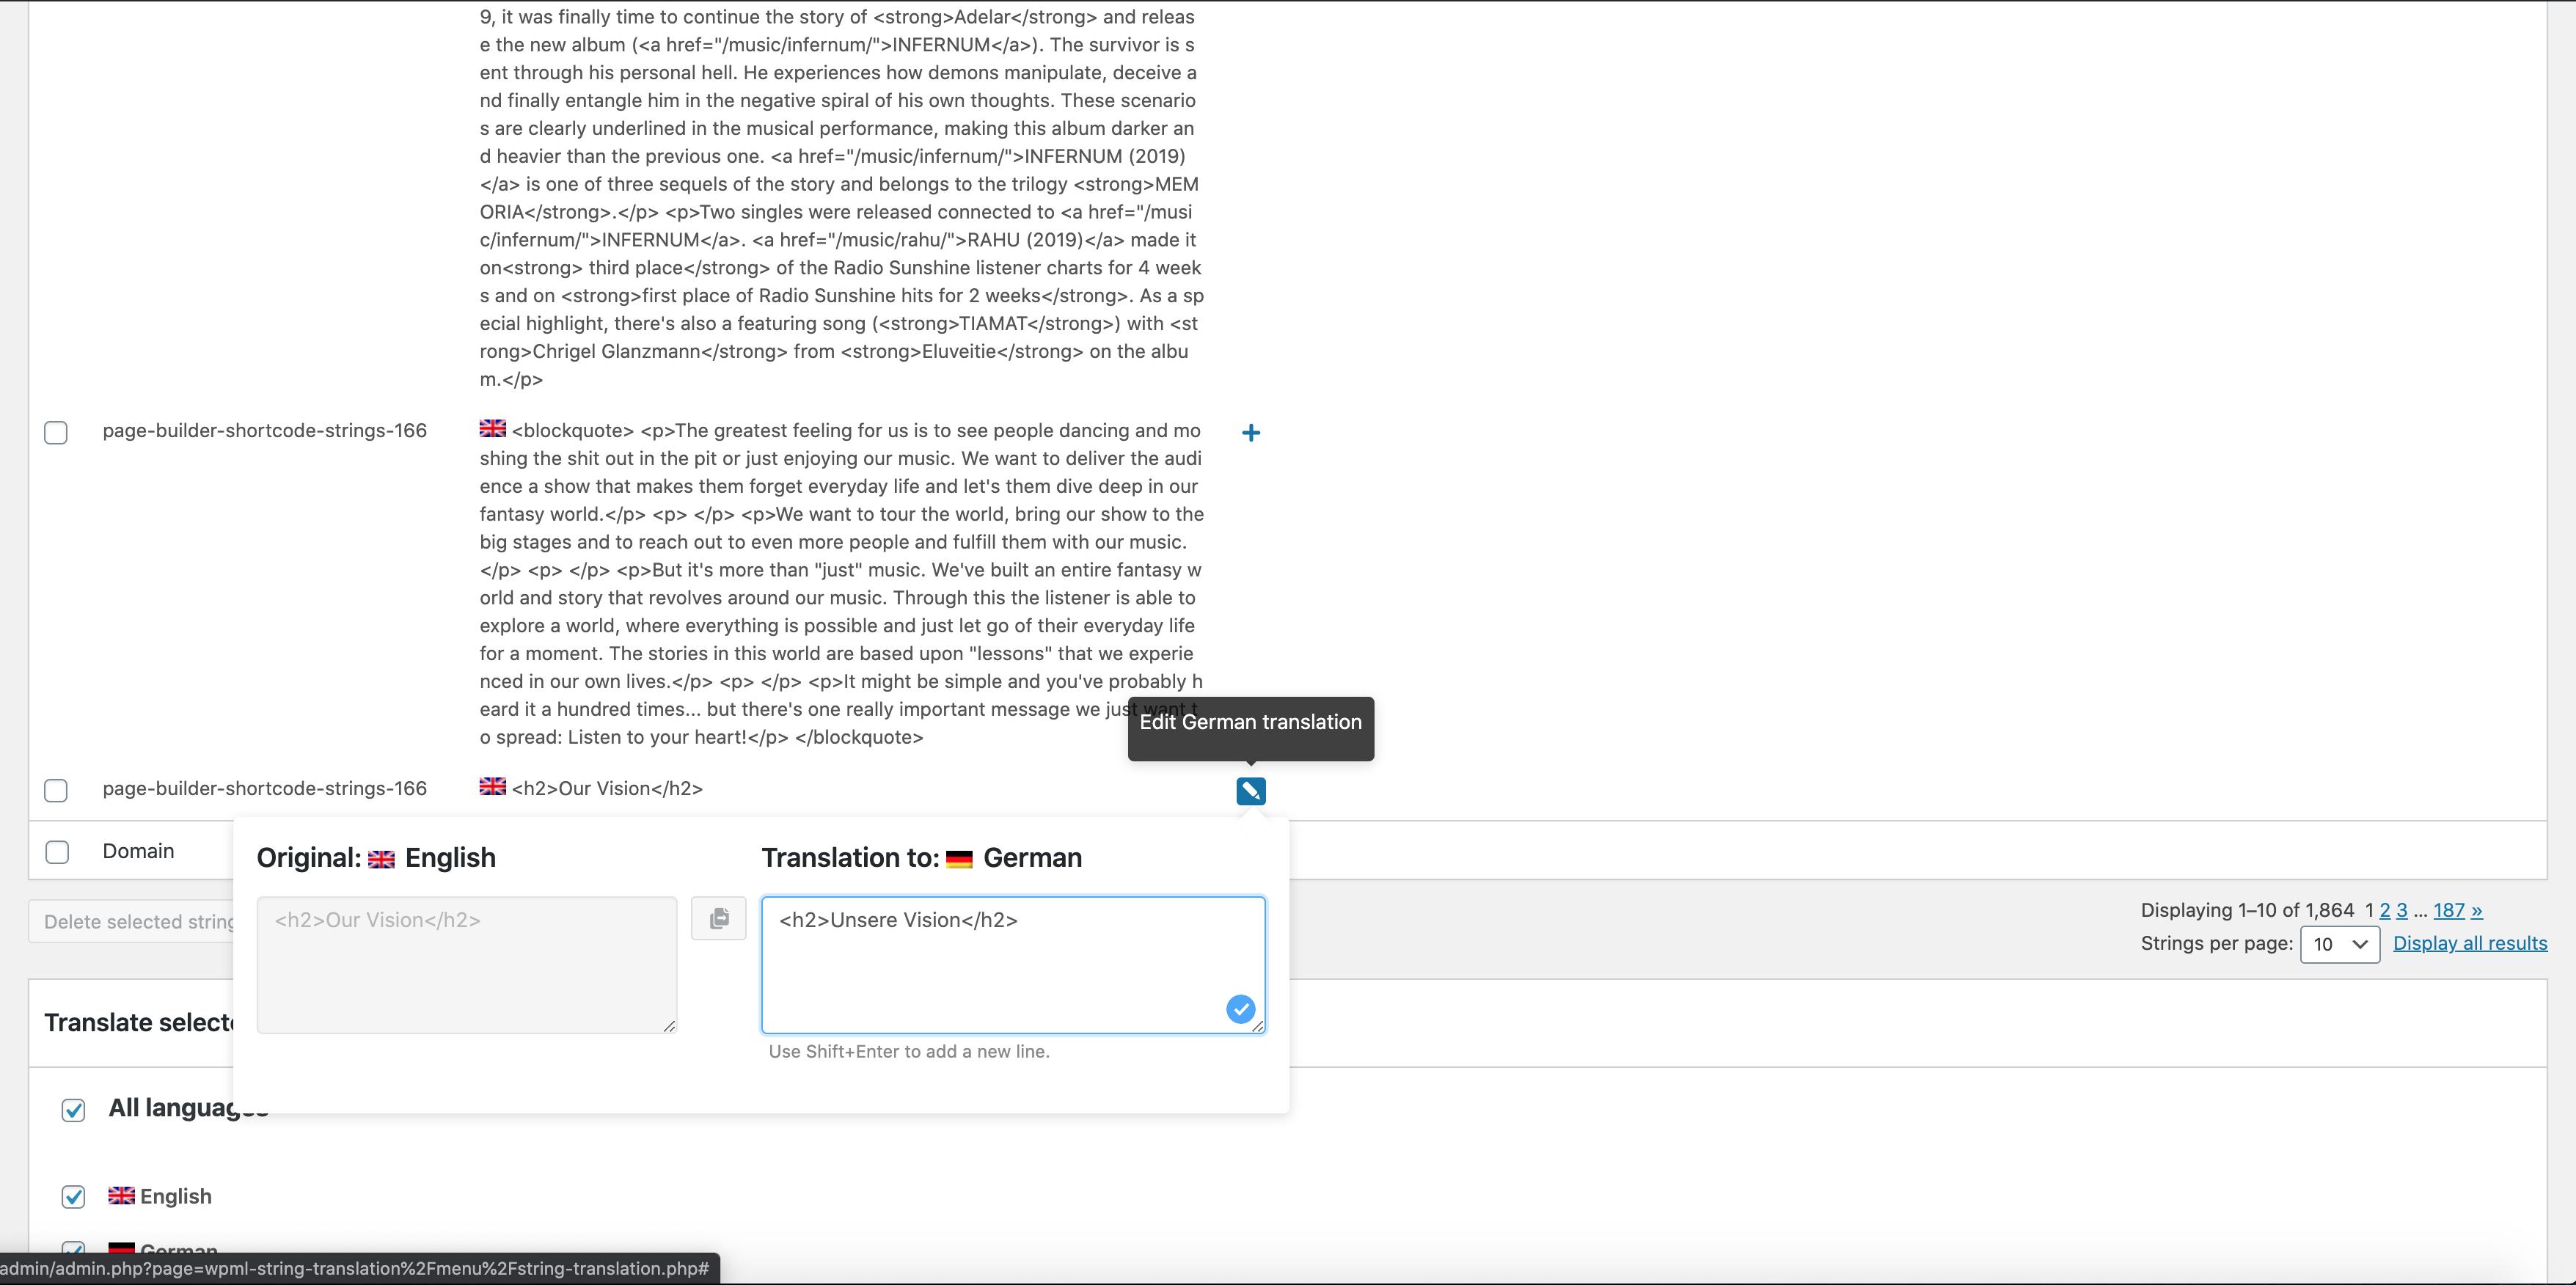 Bildschirmfoto 2020-09-12 um 12.44.34.png